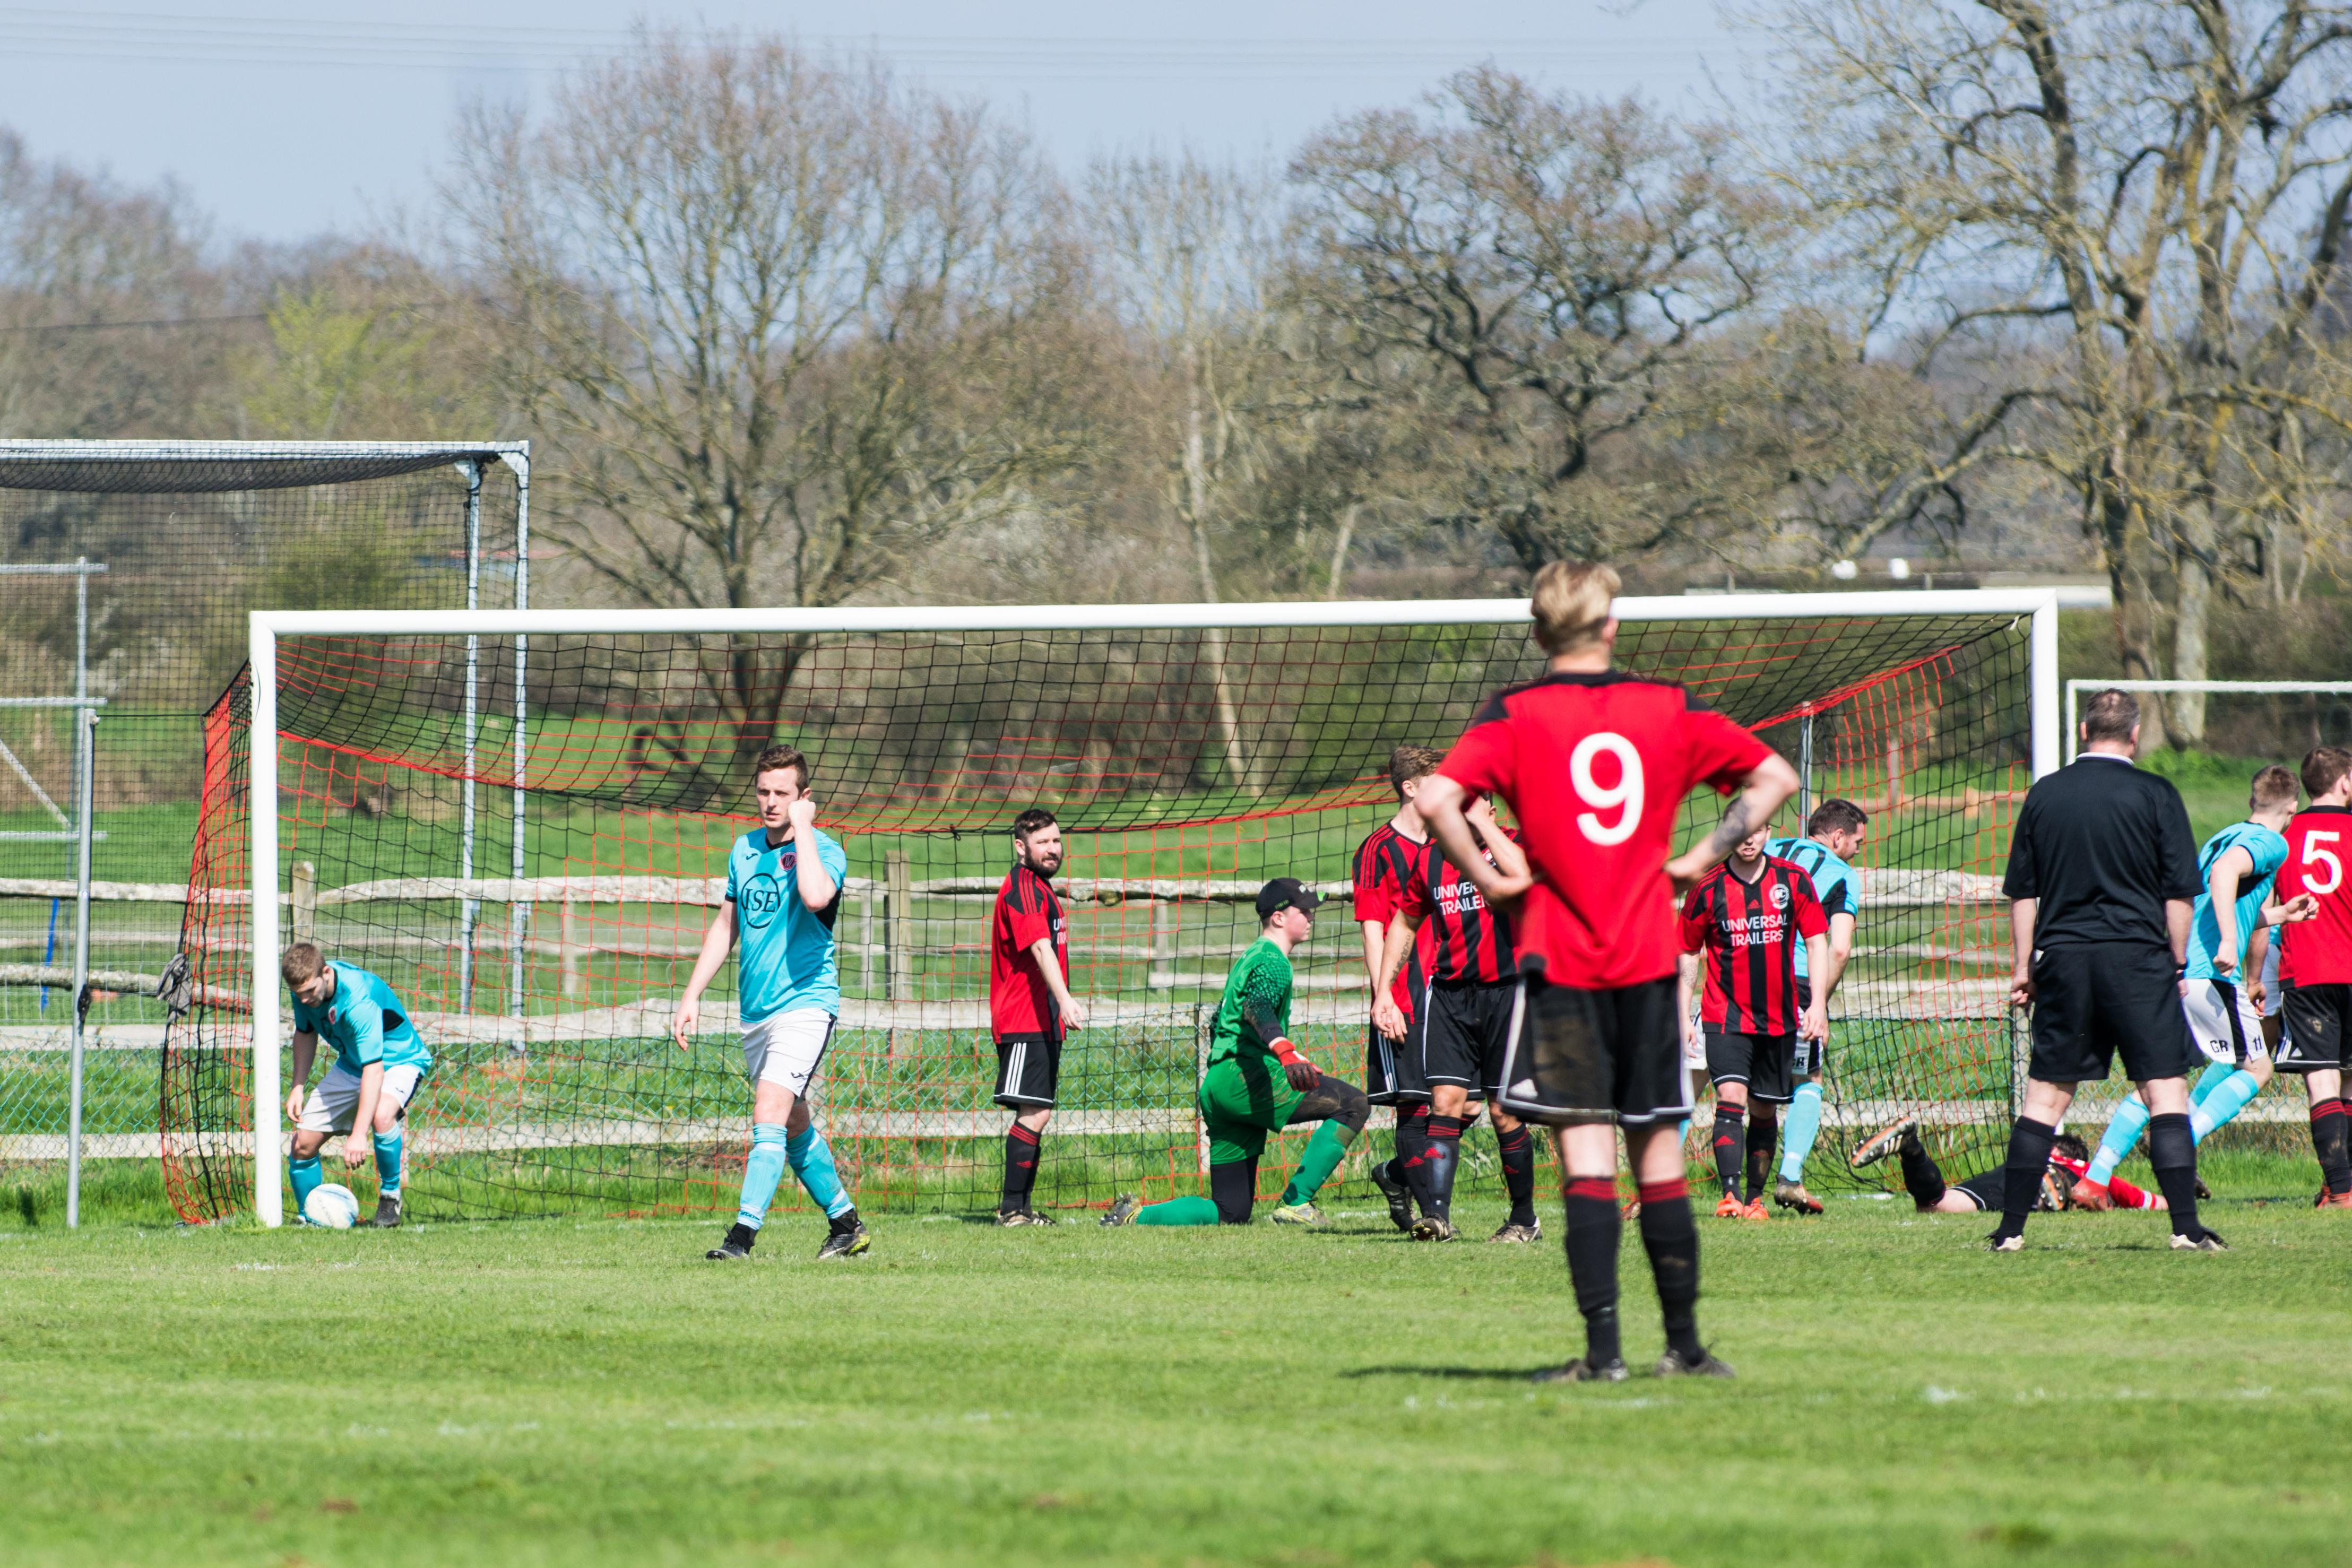 DAVID_JEFFERY Billingshurst FC vs AFC Varndeanians 14.04.18 40